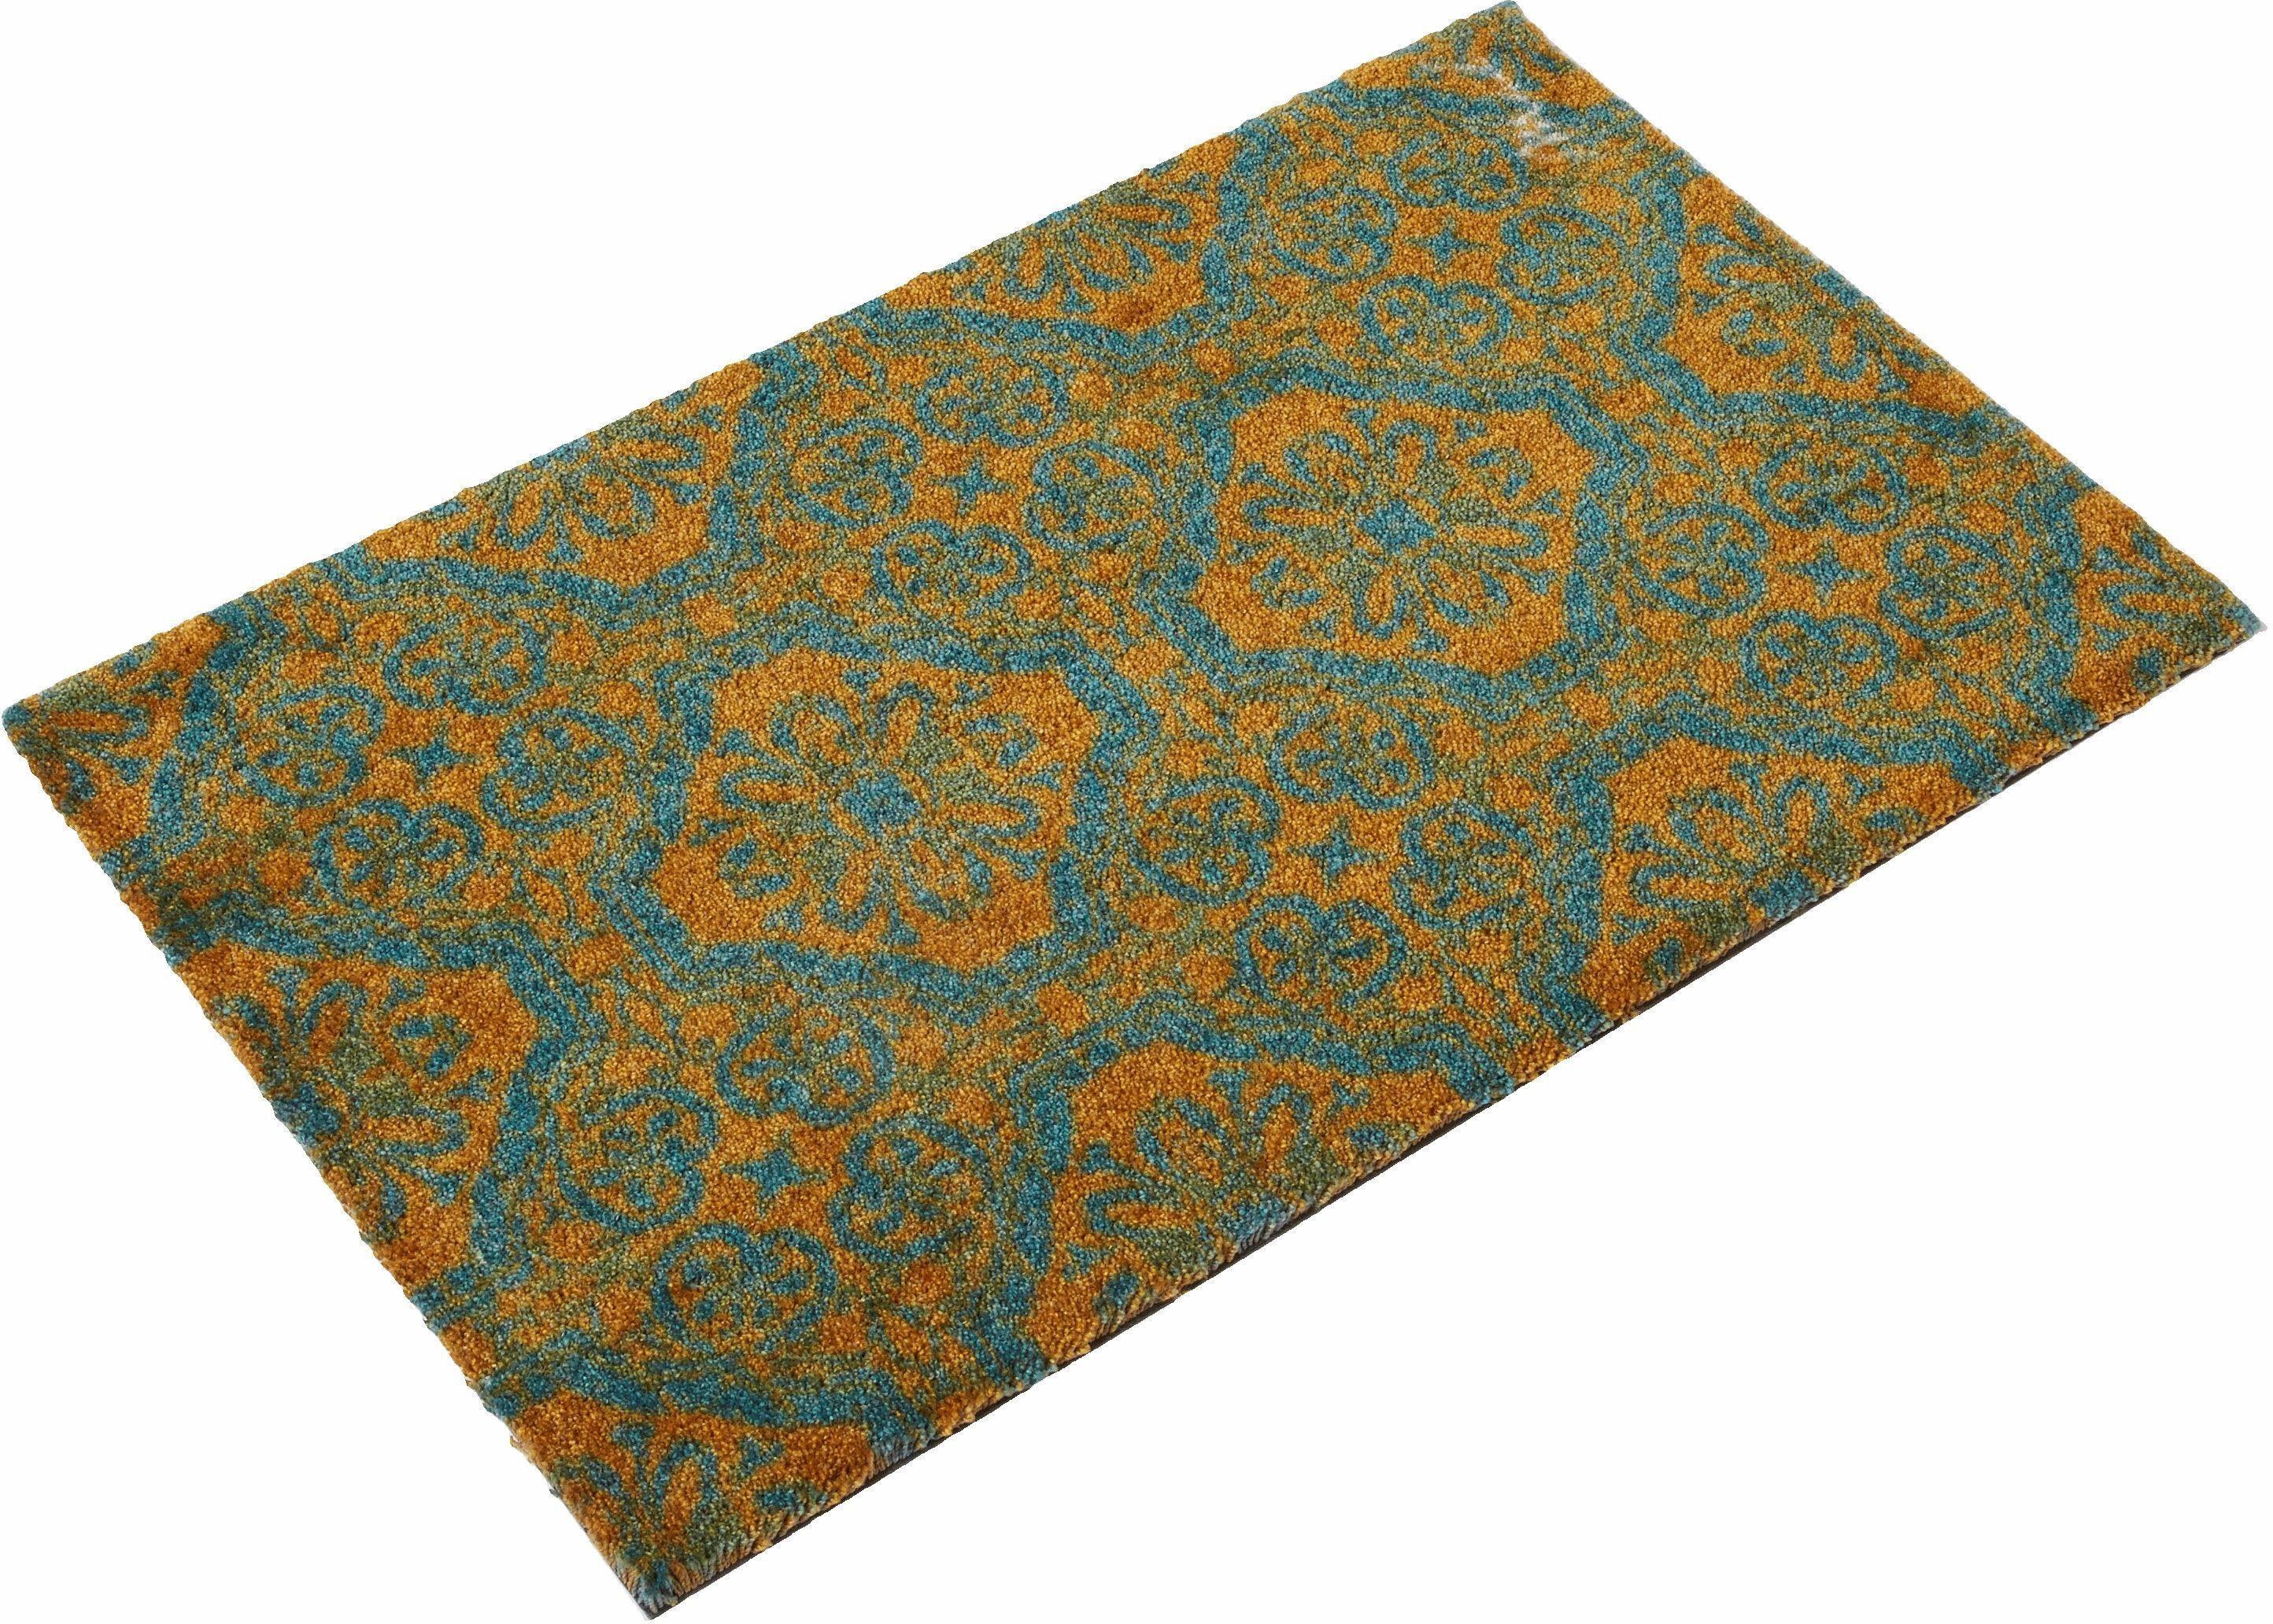 Teppich »Tara«, Mad about Mats, rechteckig, Höhe 9 mm, In- und Outdoor geeignet, waschbar